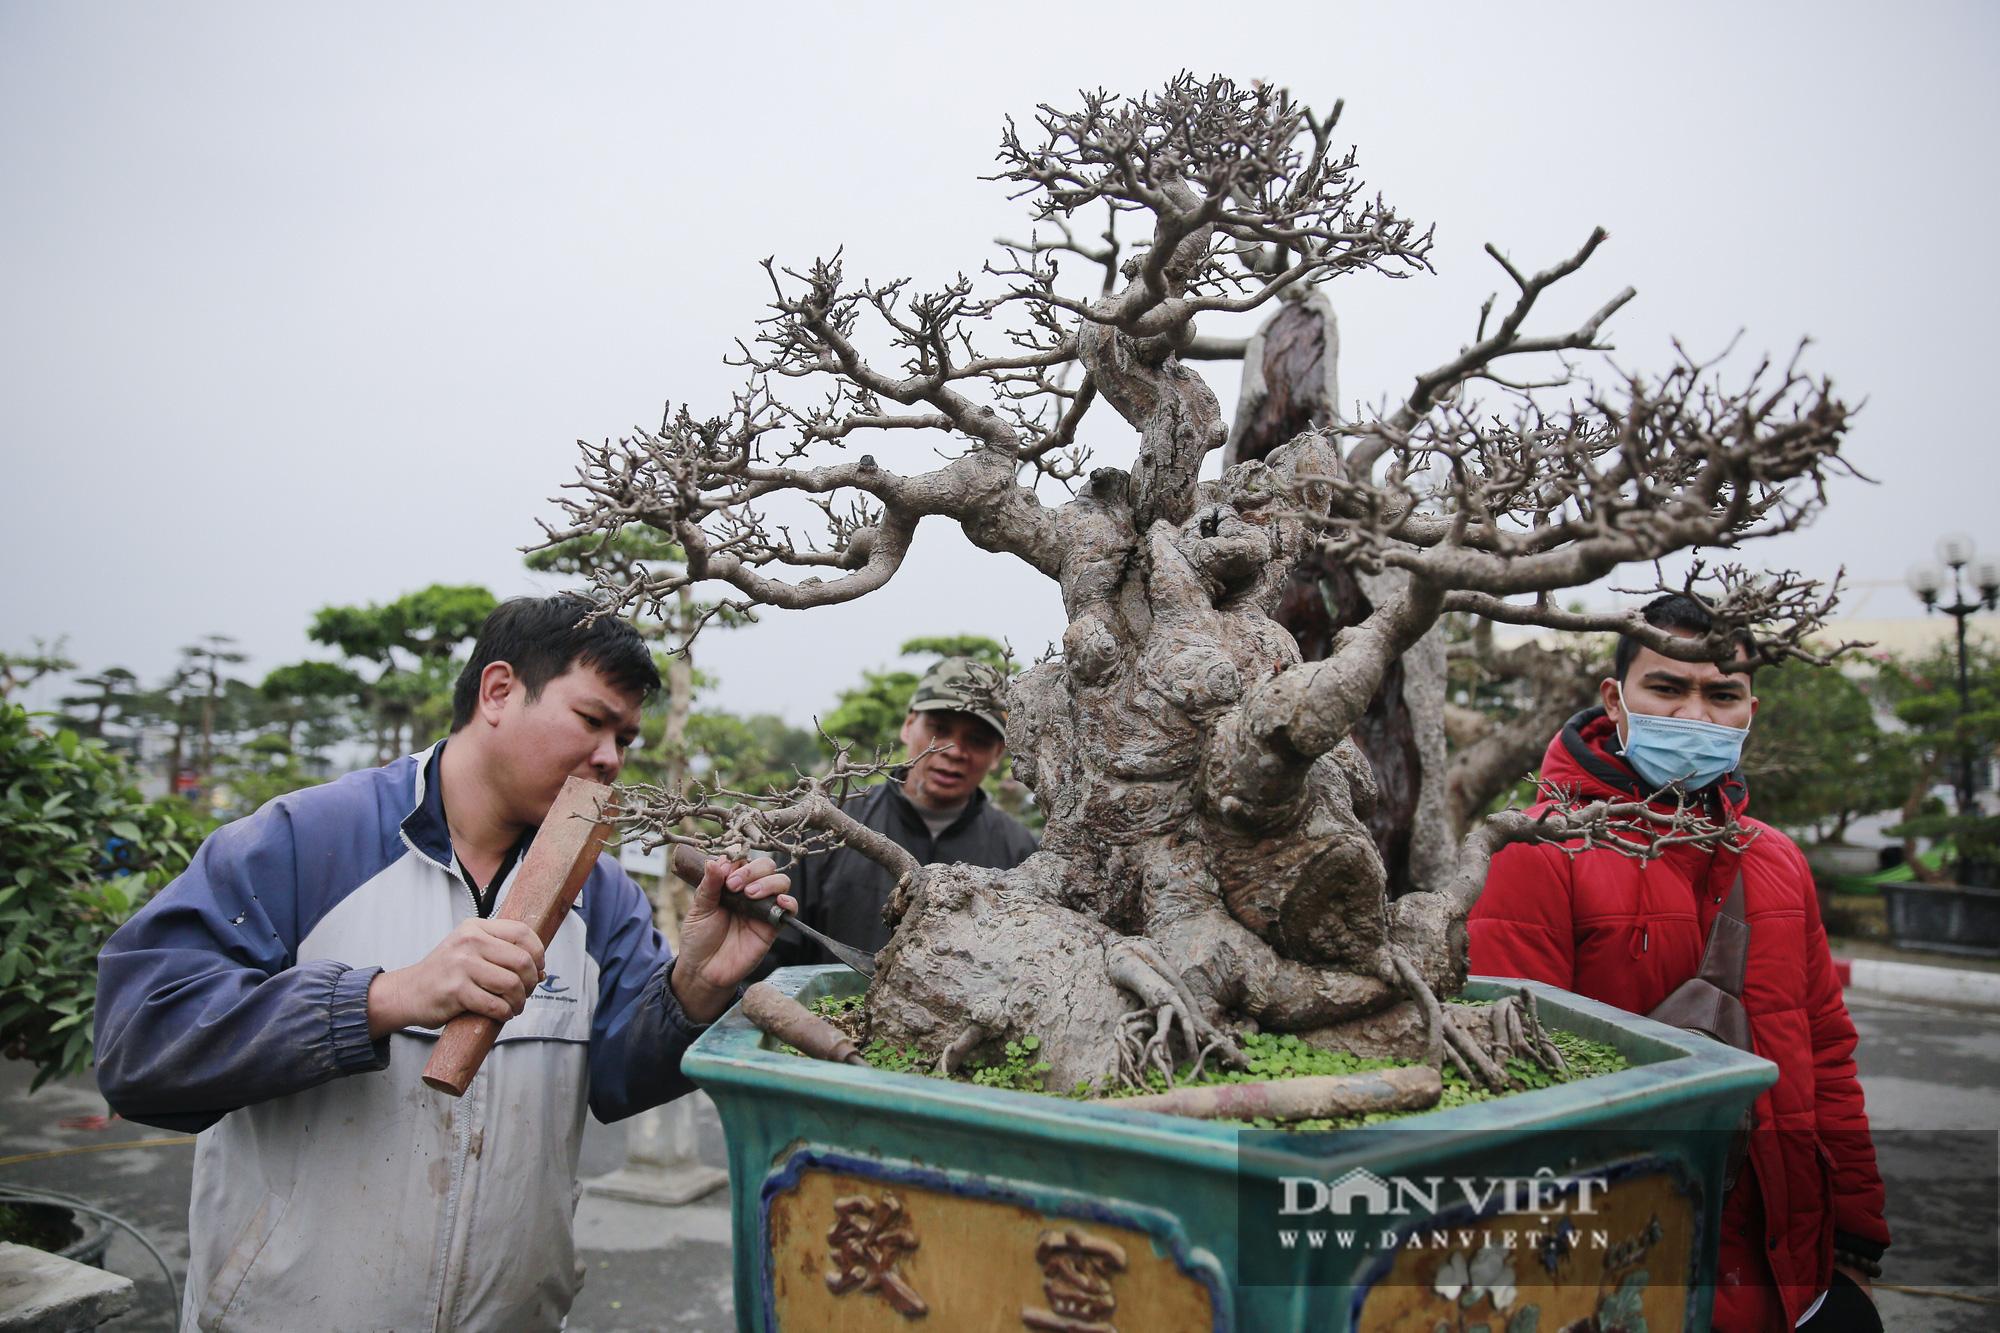 Mãn nhãn với những chậu bonsai quý hiếm tại Festival Sinh vật cảnh Hà Nội - Ảnh 3.